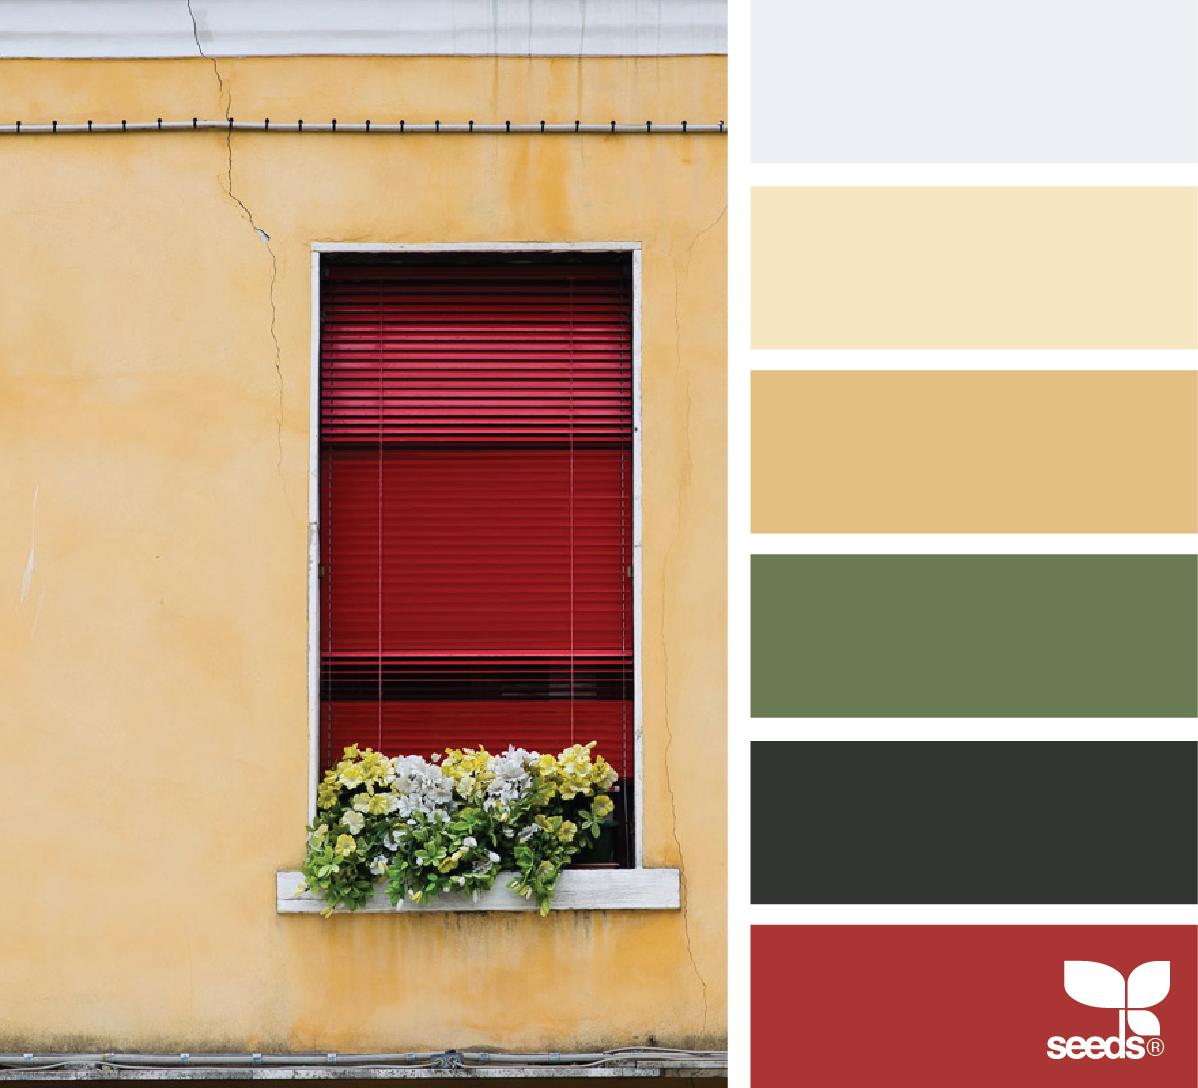 Color Window Seeds Color Kitchen Color Red Design Seeds